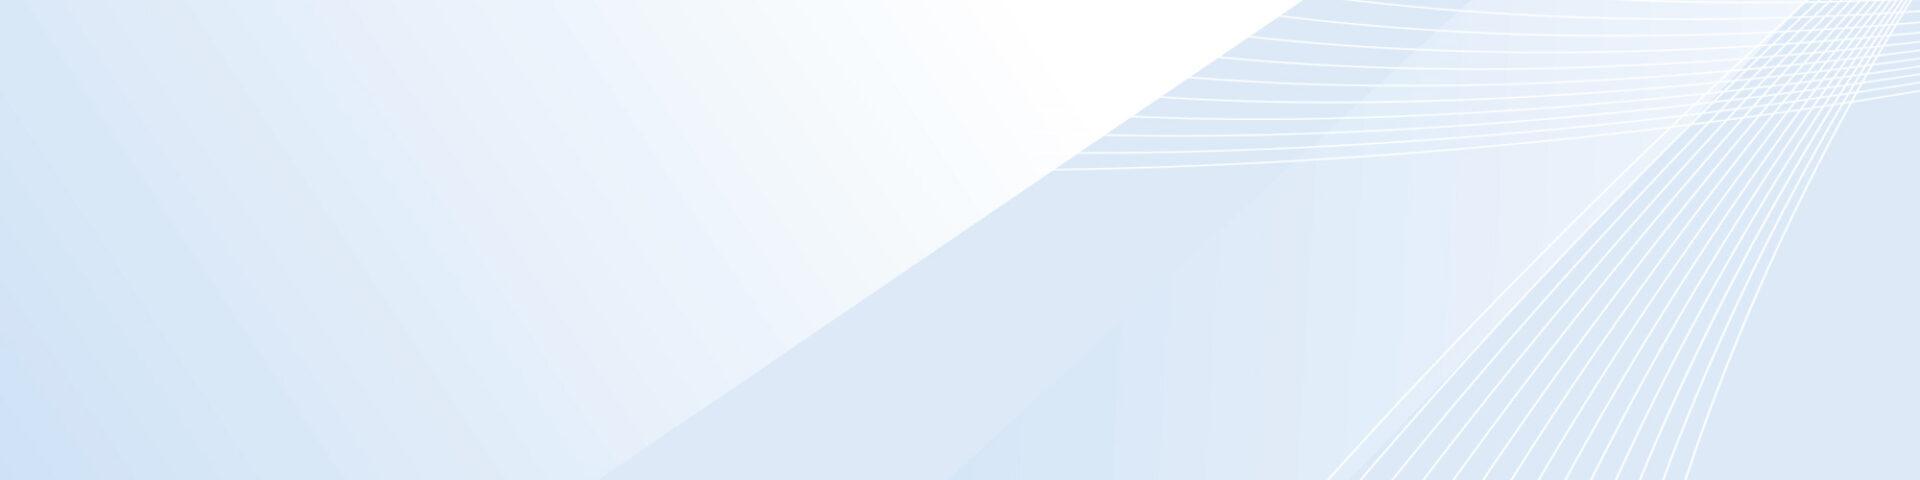 Fitness for Hospice Sponsors (2010-2020)